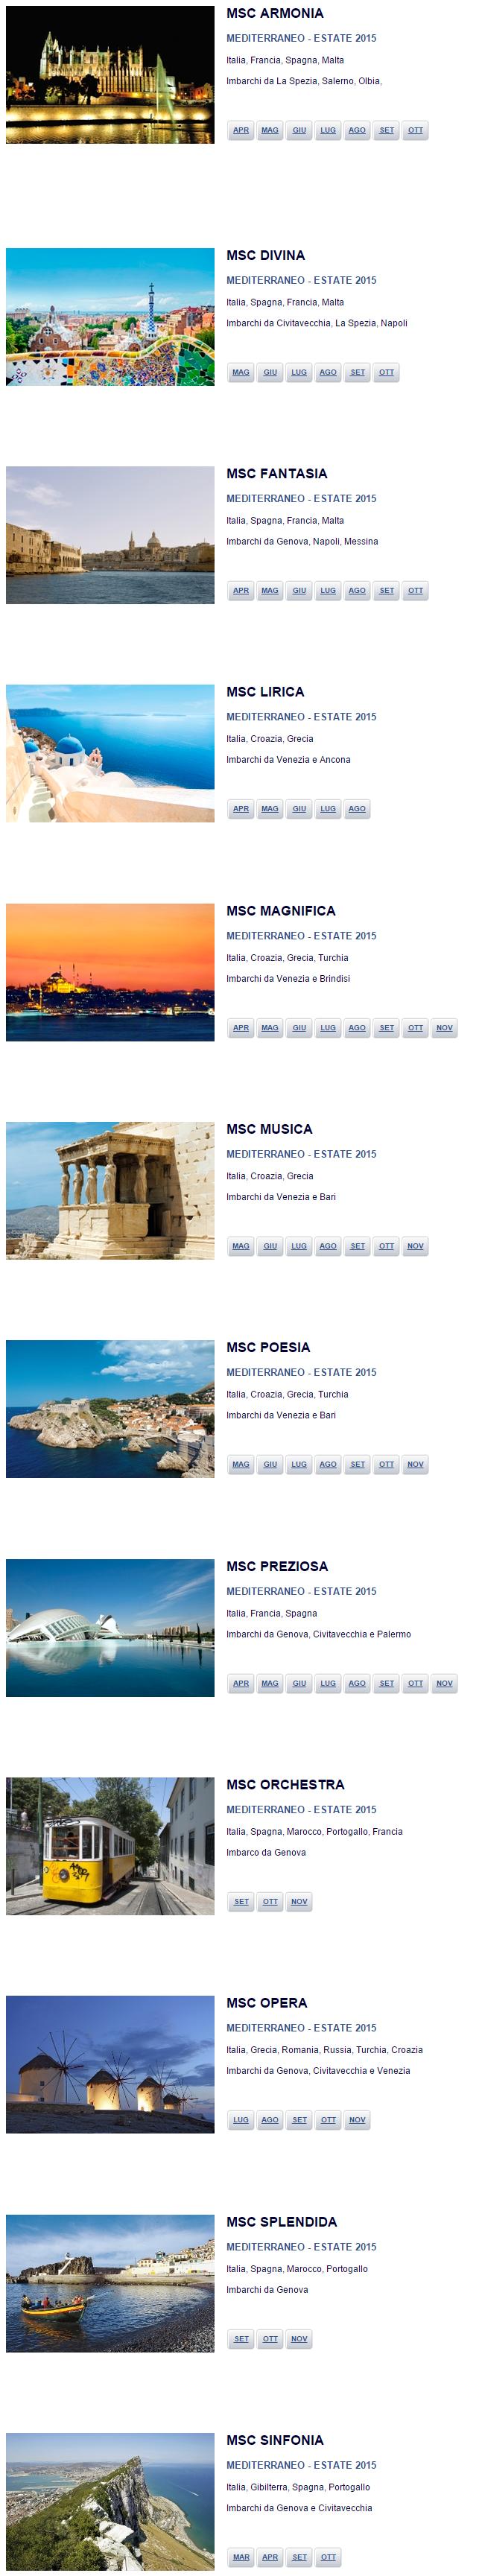 Con GRANDESTATE MSC potrai scoprire il Mediterraneo tra capitali dell'arte, spiagge dorate e mille altre emozioni sorprendenti. Scegli le nostre affascinanti destinazioni: Barcellona e Istanbul, Palma di Maiorca e Olimpia, la Costa Azzurra e le Isole greche.